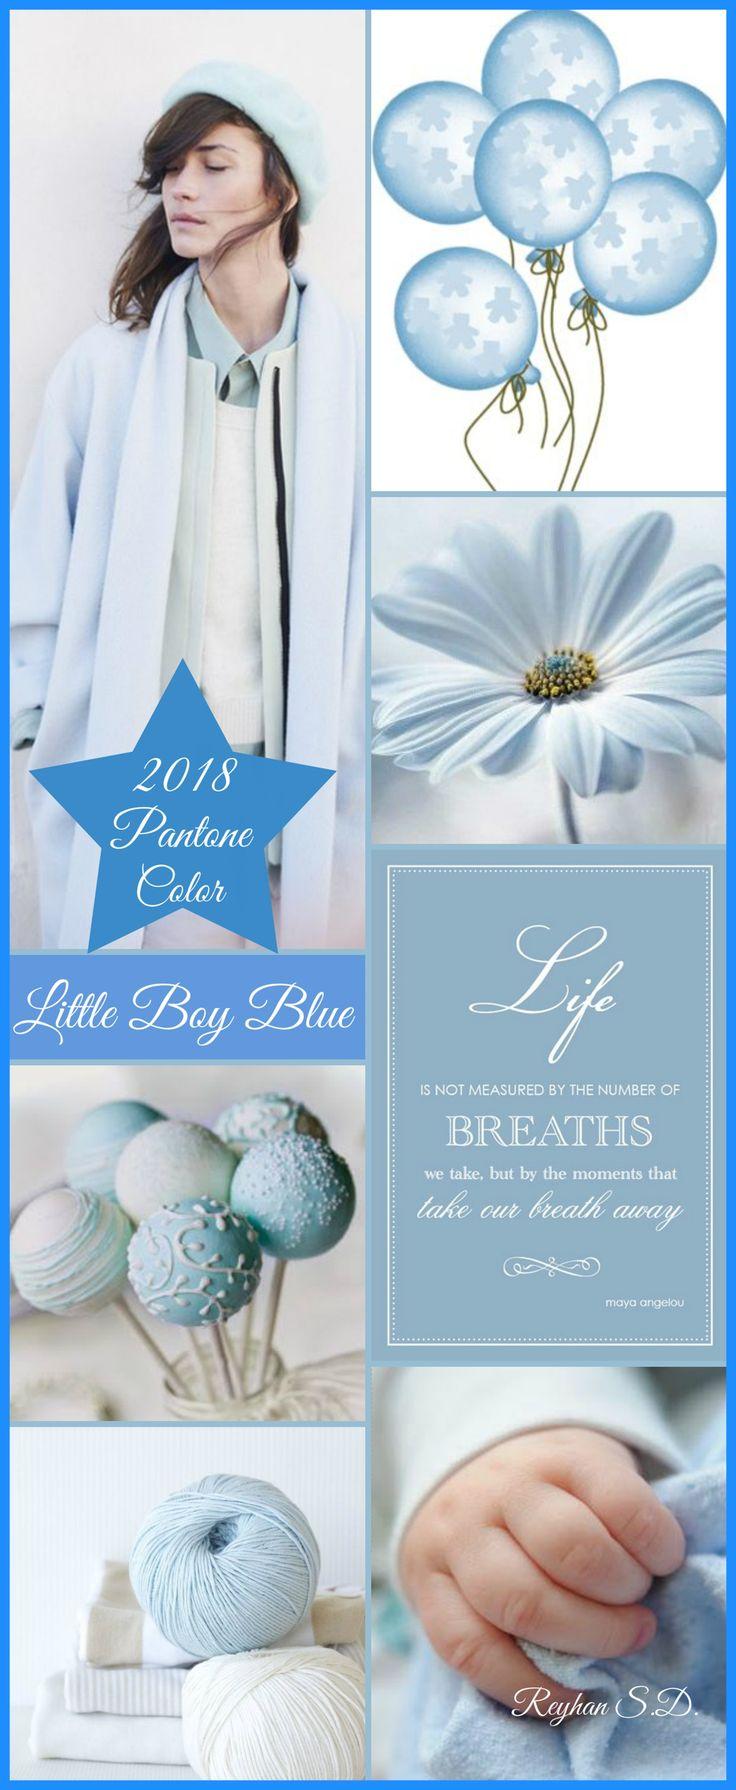 '' Little Boy Blue '' by Reyhan S.D.